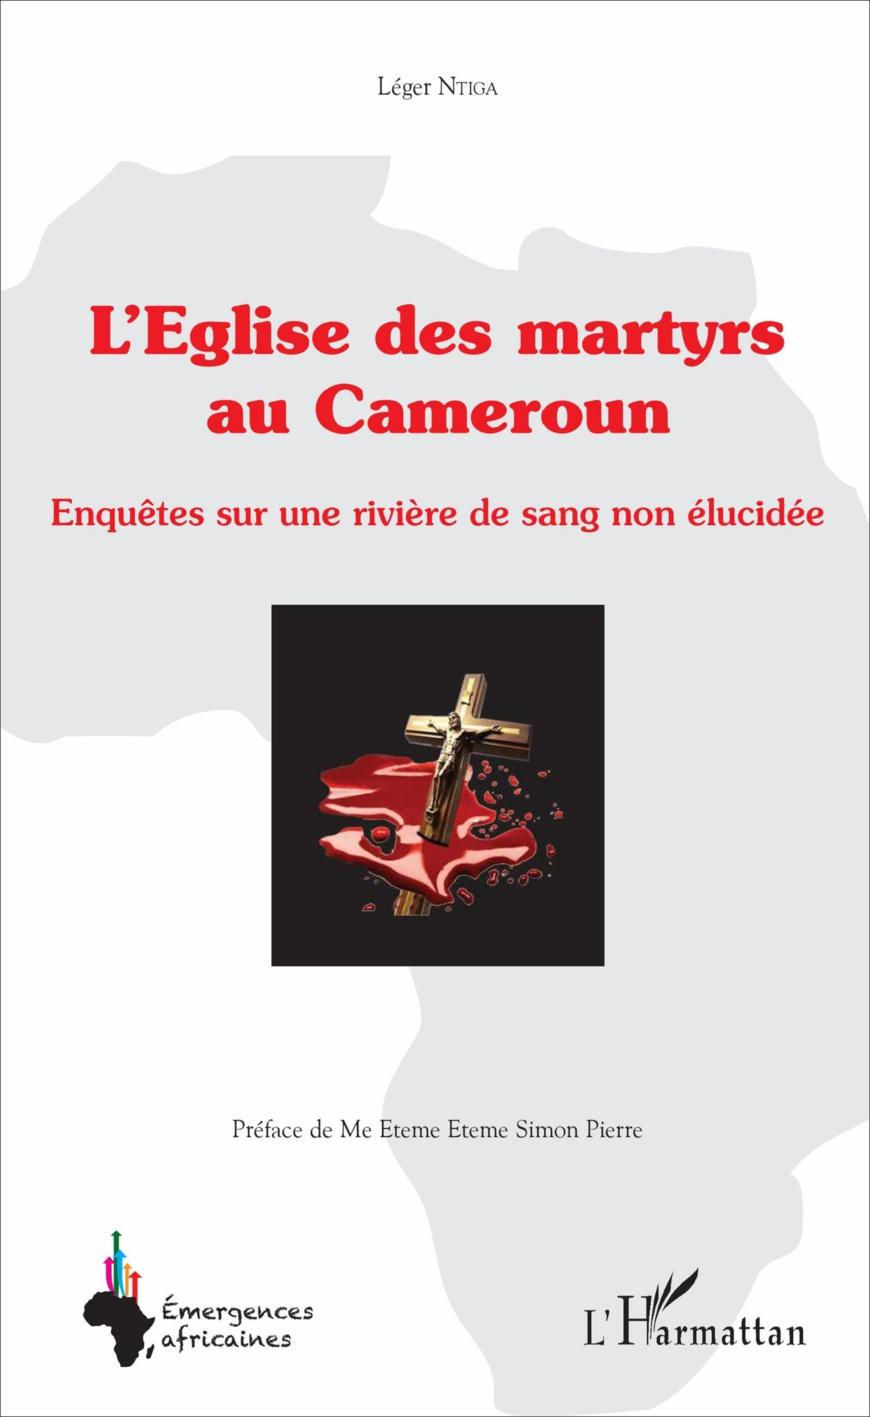 Cameroun: Sur les traces des martyrs de l'Eglise